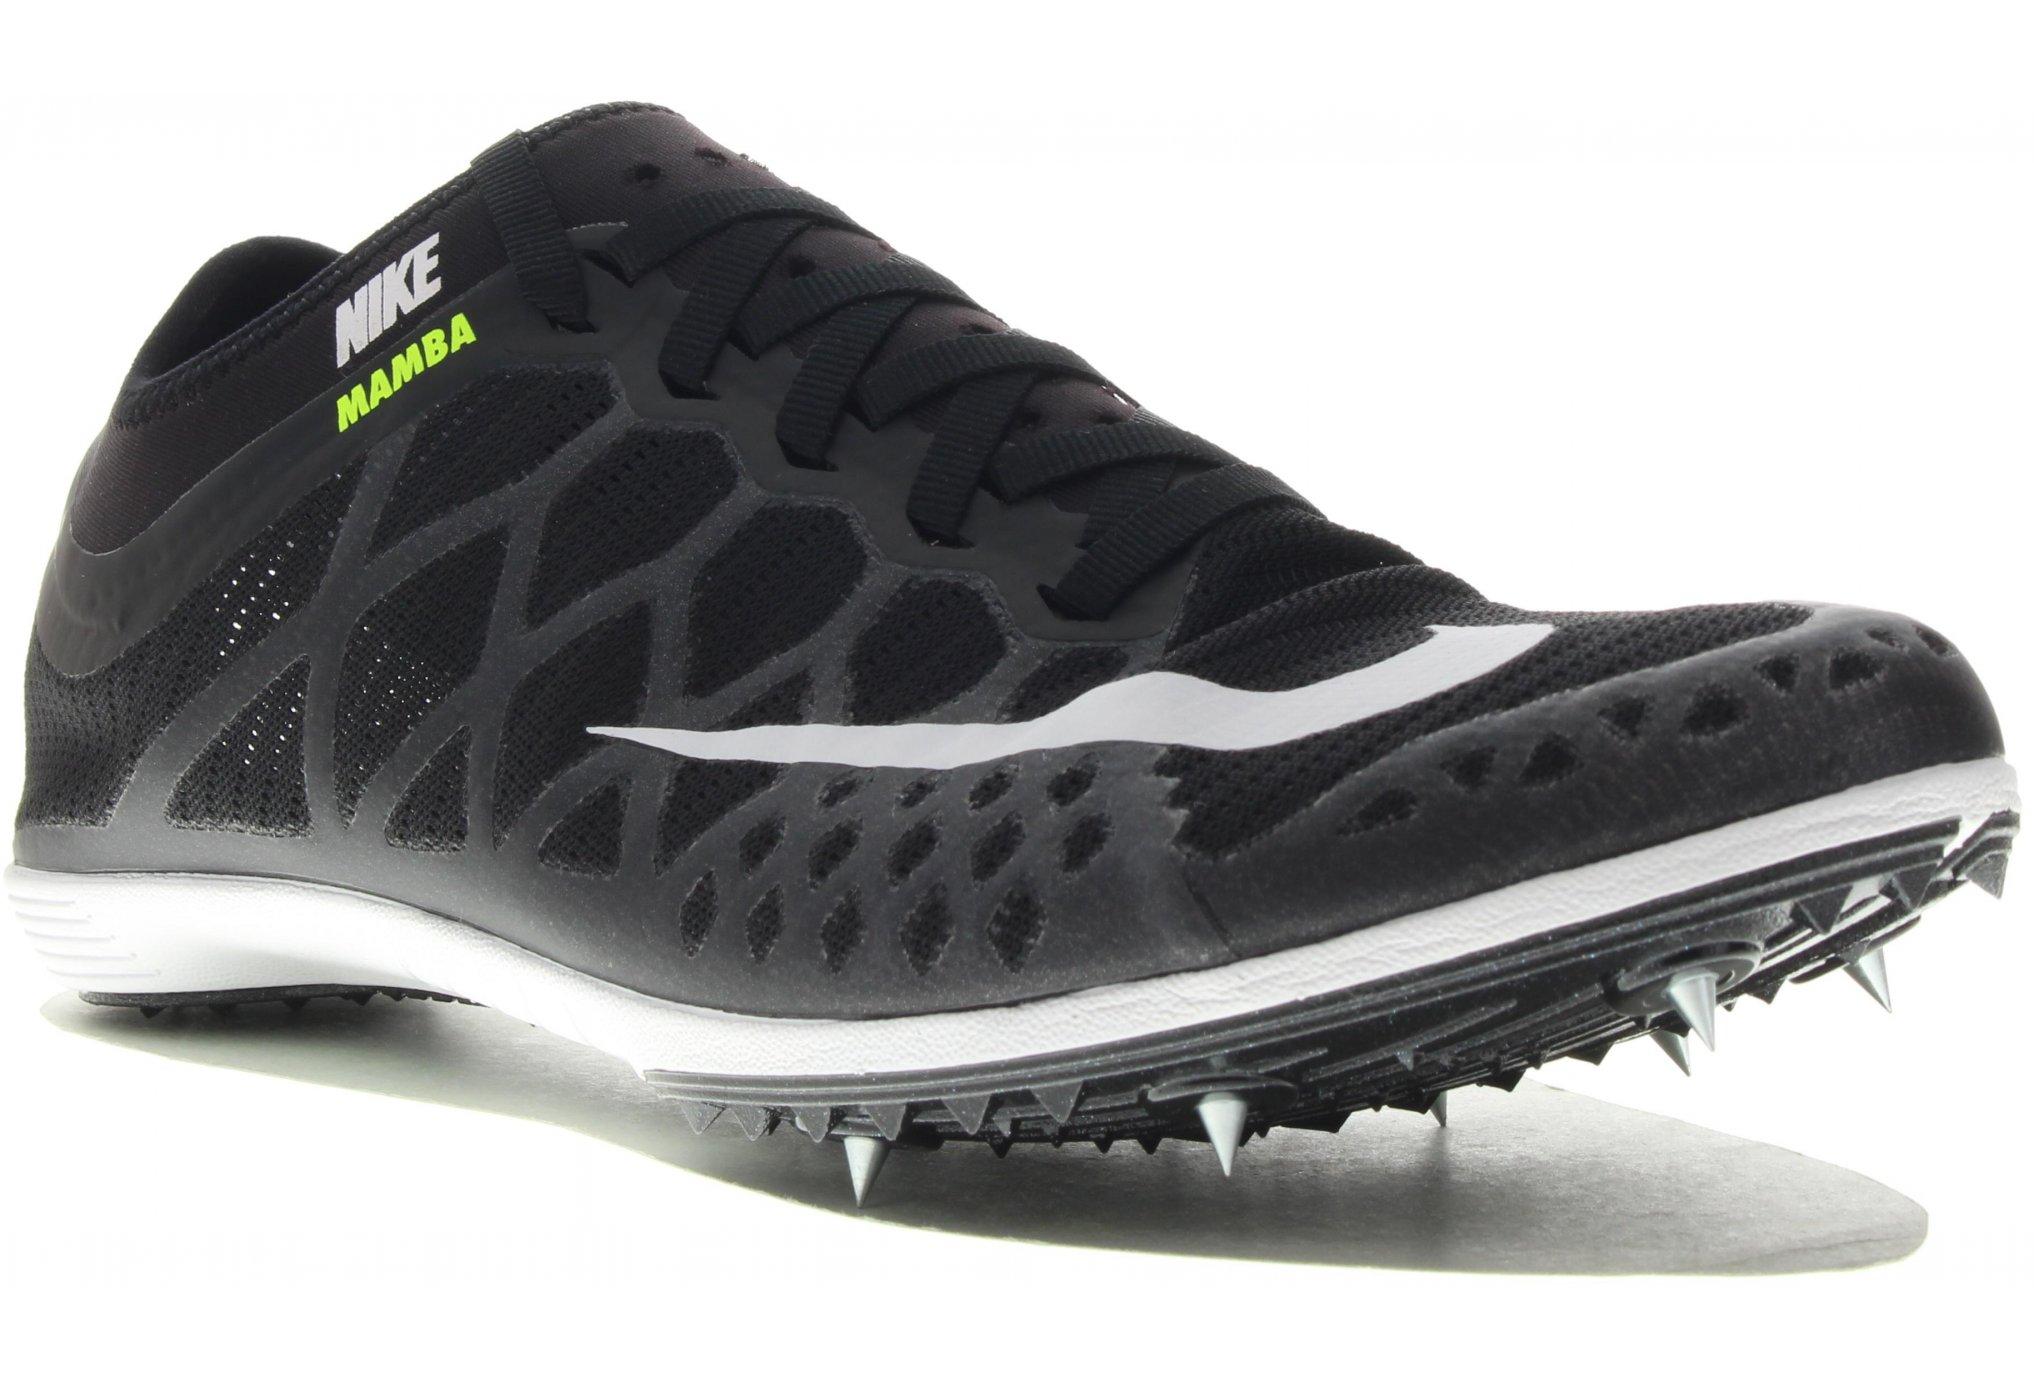 Nike Zoom Mamba 3 M Diététique Chaussures homme